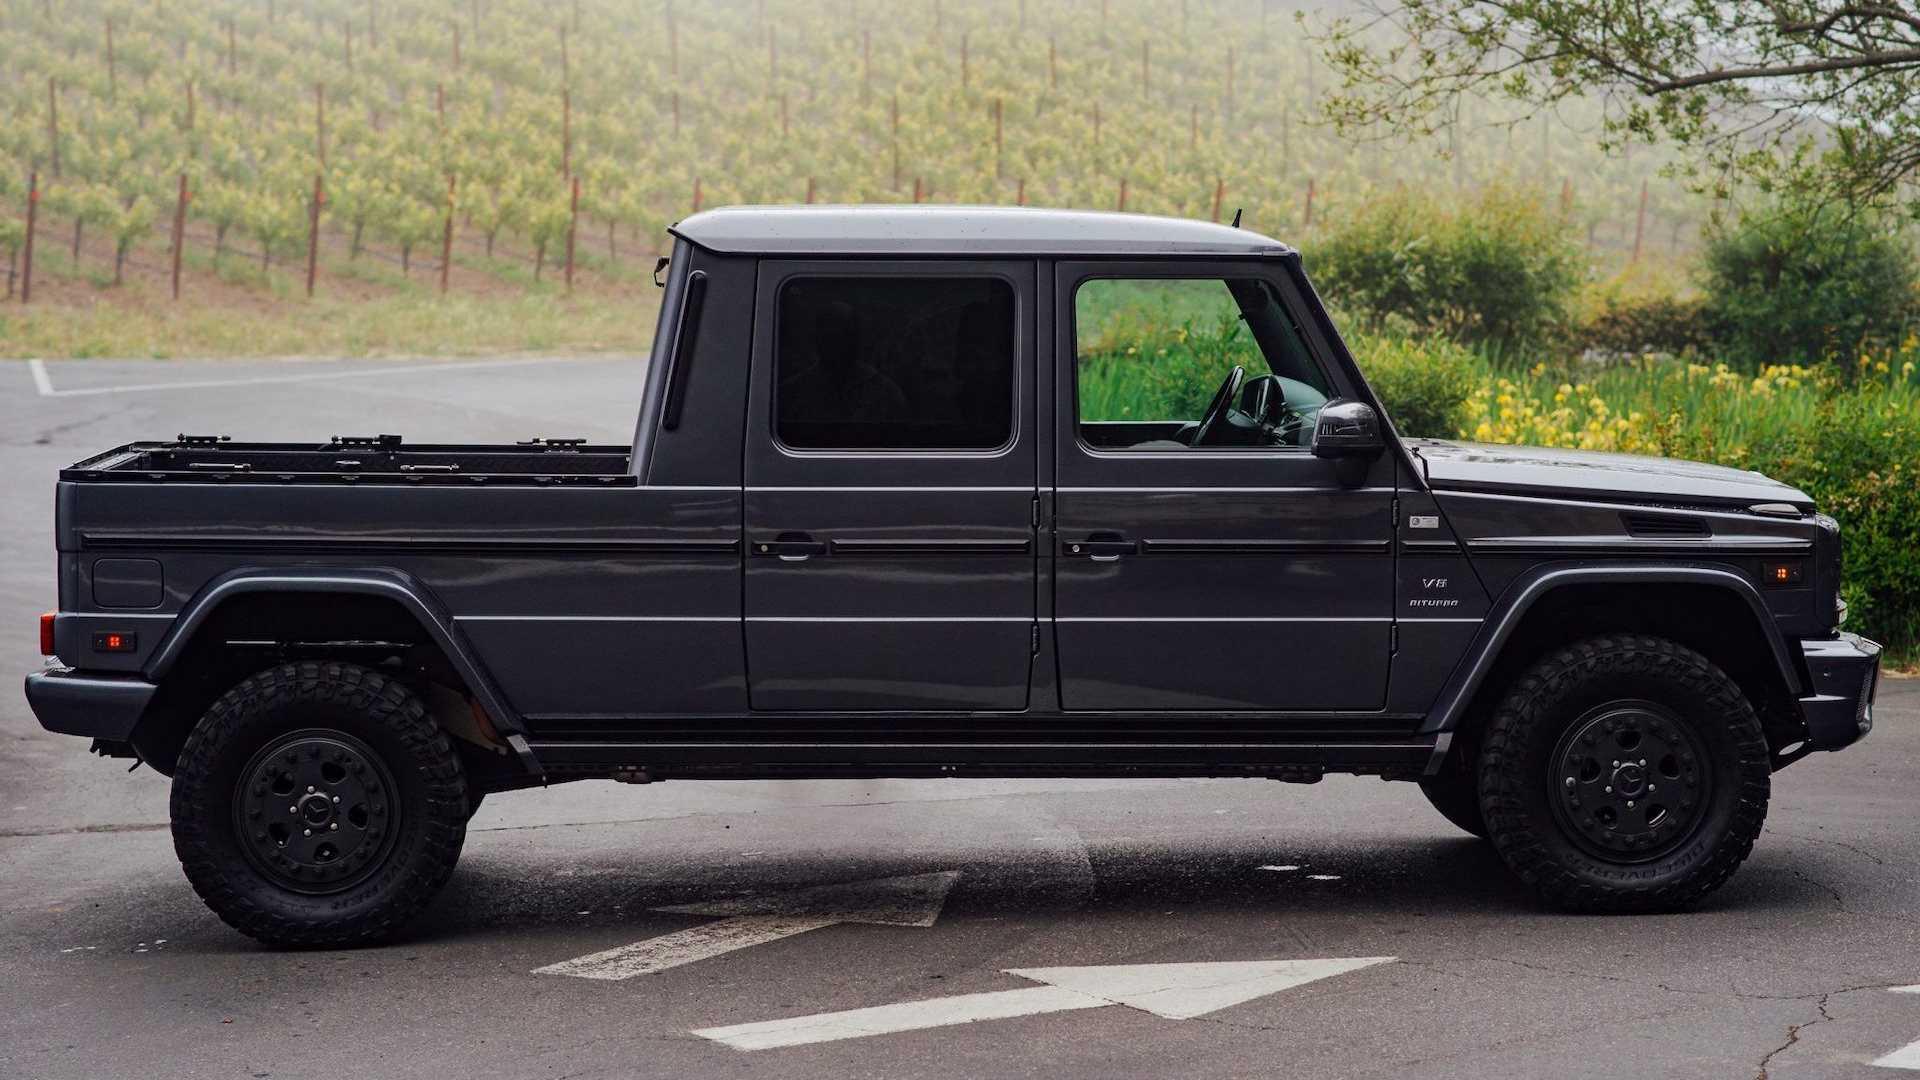 В Штатах продаётся Mercedes-Benz G500, превращённый в пикап нидерландским тюнером ikWILeenG. До завершения аукциона ещё несколько дней, а последняя ставка равна $60 000.